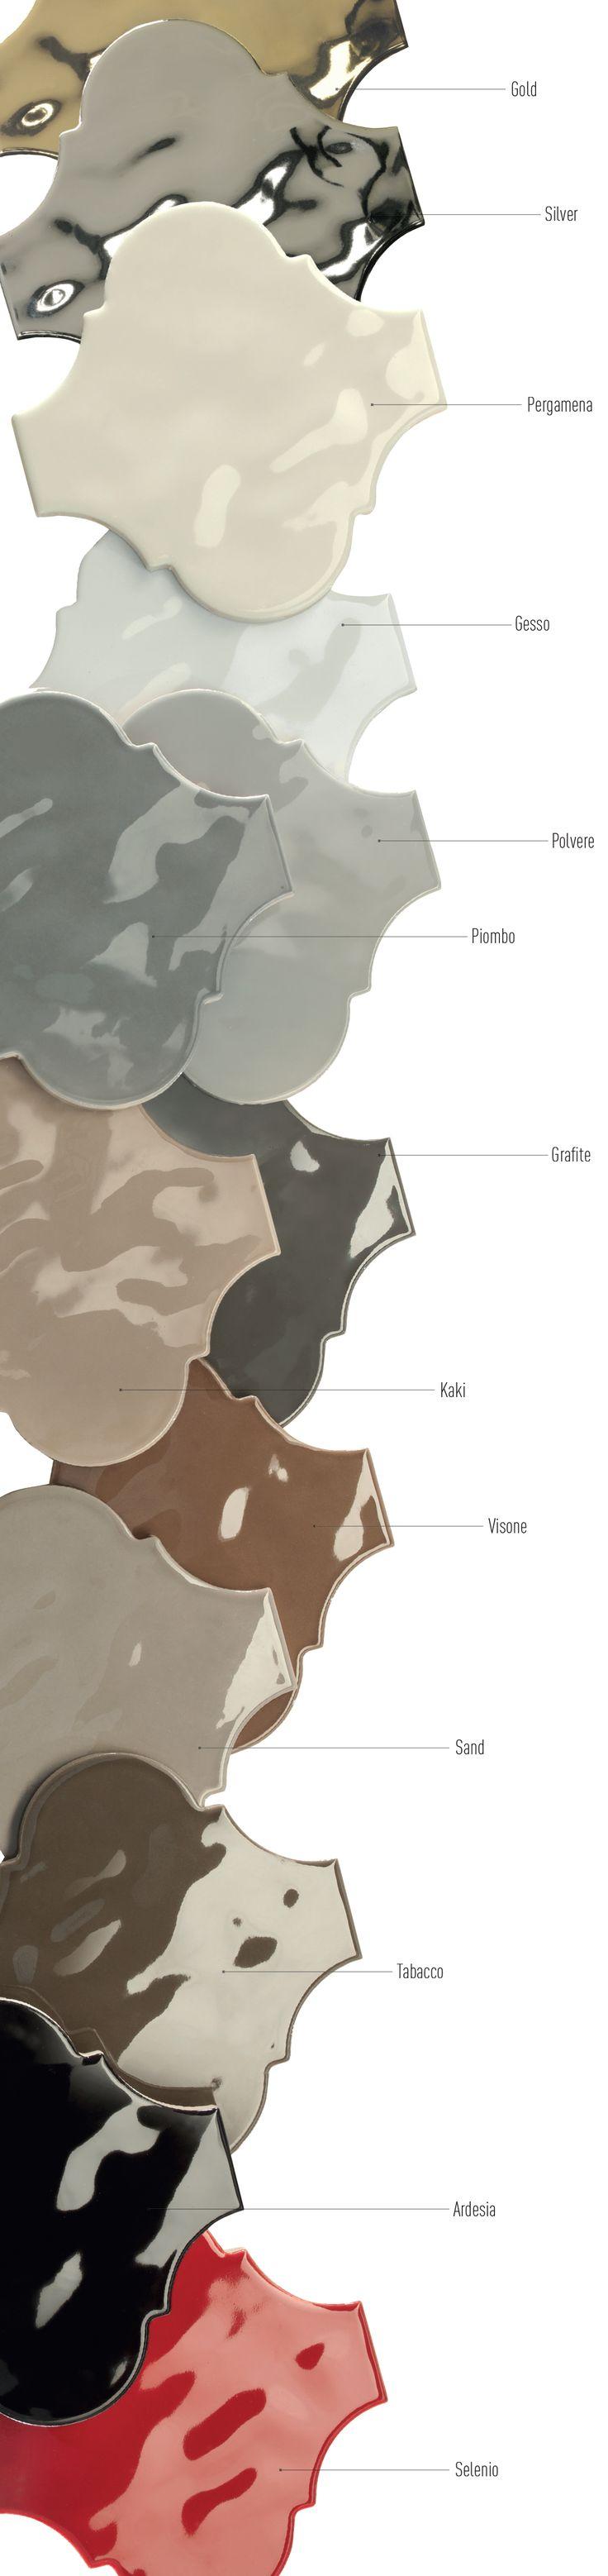 Arabesque Silk | Tonalite Tiles                                                                                                                                                     More